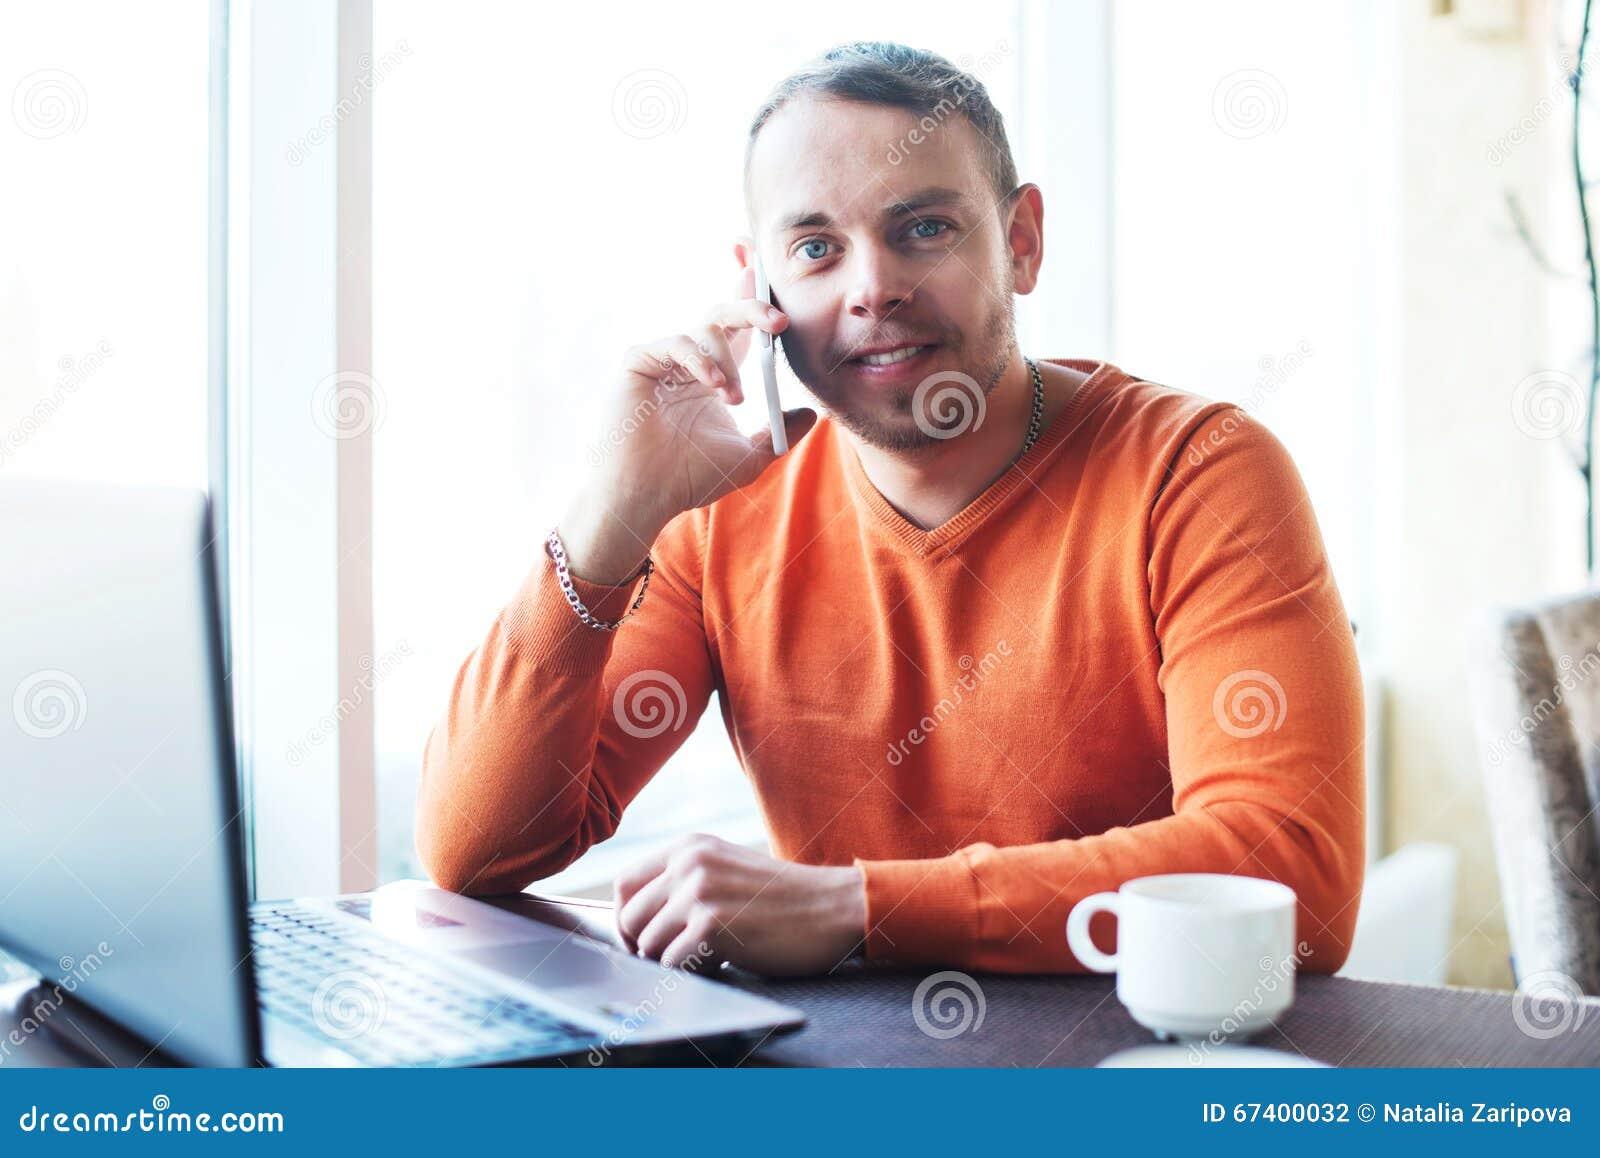 Όμορφος νεαρός άνδρας που εργάζεται με το σημειωματάριο, που μιλά στο τηλέφωνο, χαμόγελο, που εξετάζει τη κάμερα, απολαμβάνοντας